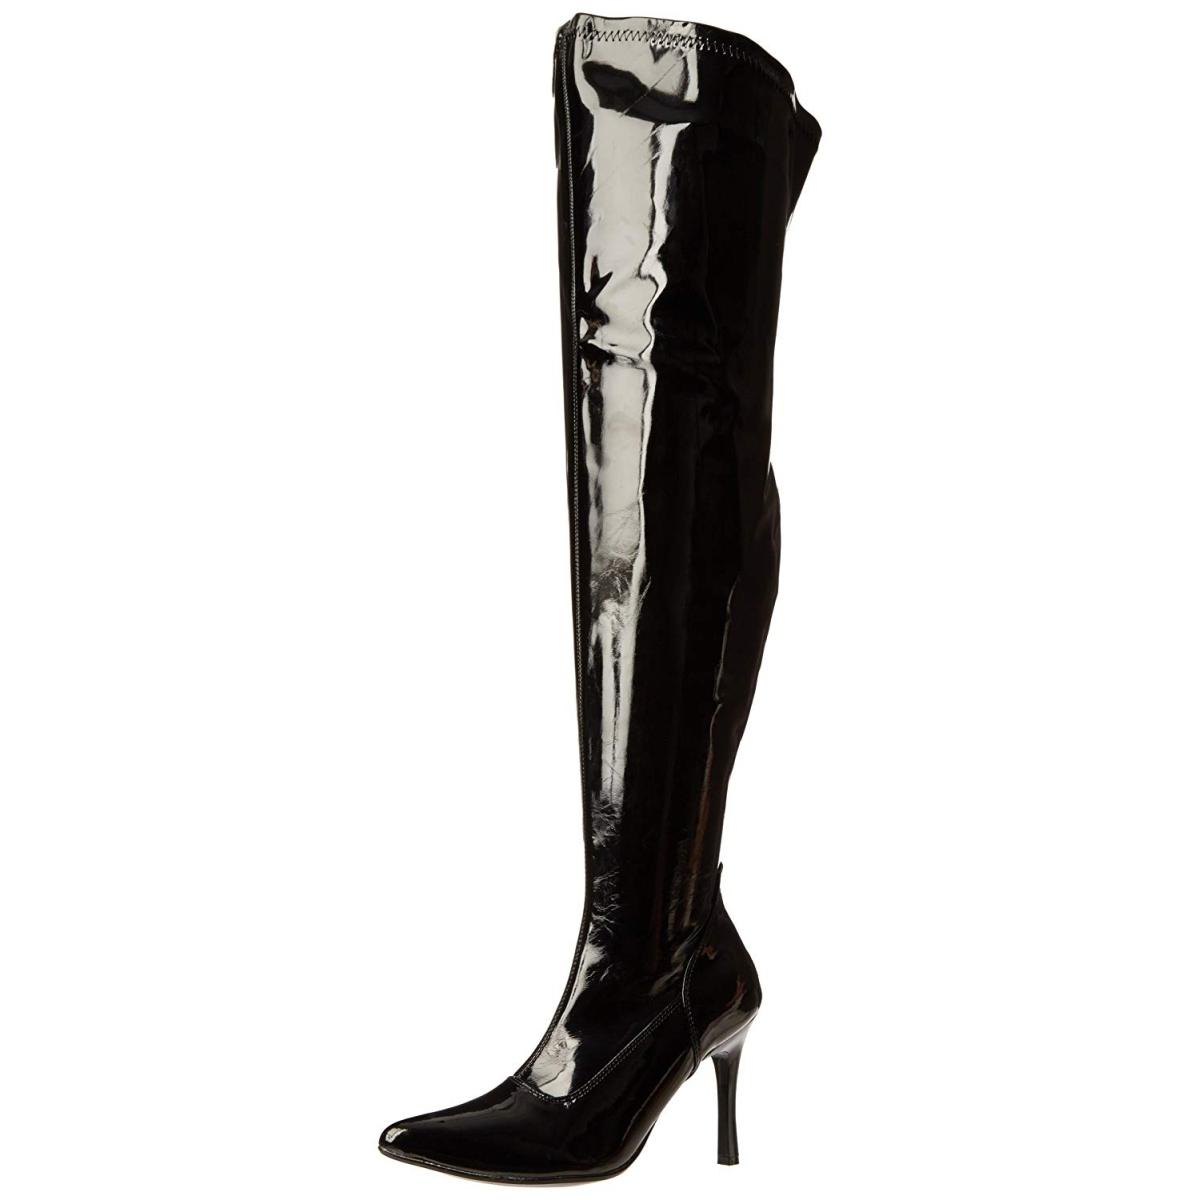 Svart 9,5 cm LUST 3000X overknee støvler brede lægge